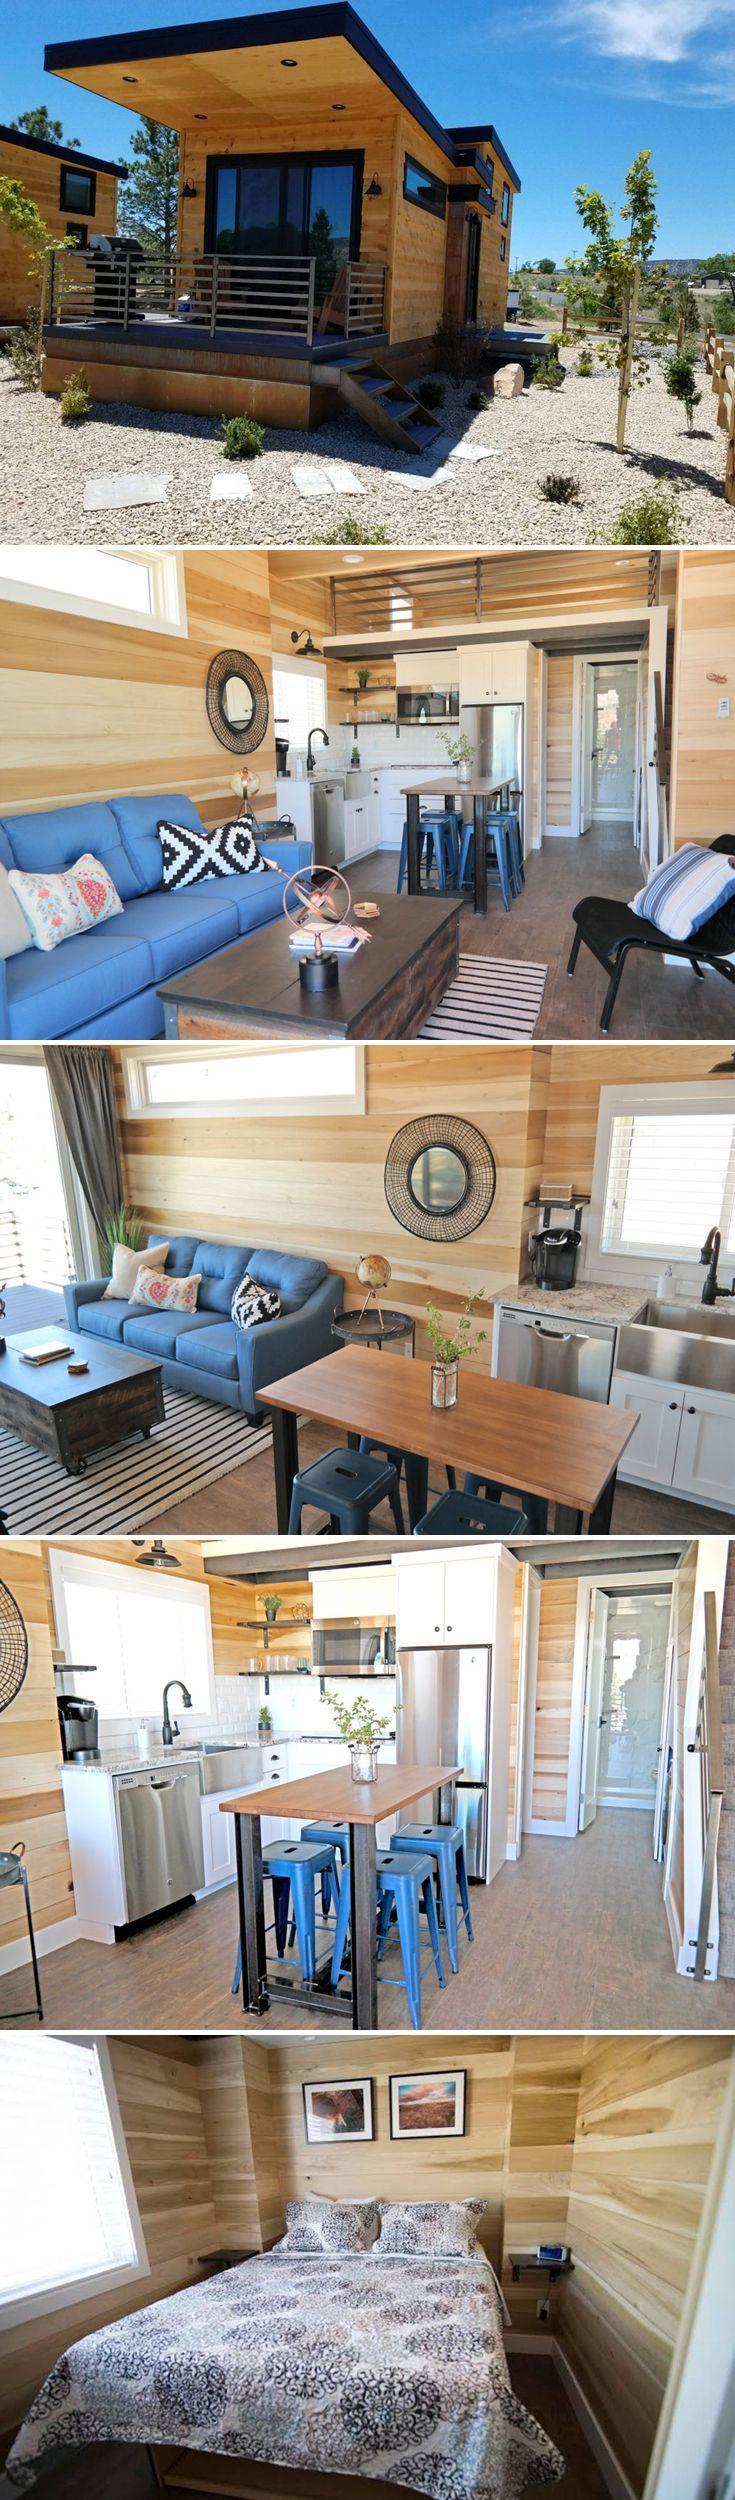 escalante escapes tiny house living pinterest haus kleines h uschen and haus pl ne. Black Bedroom Furniture Sets. Home Design Ideas